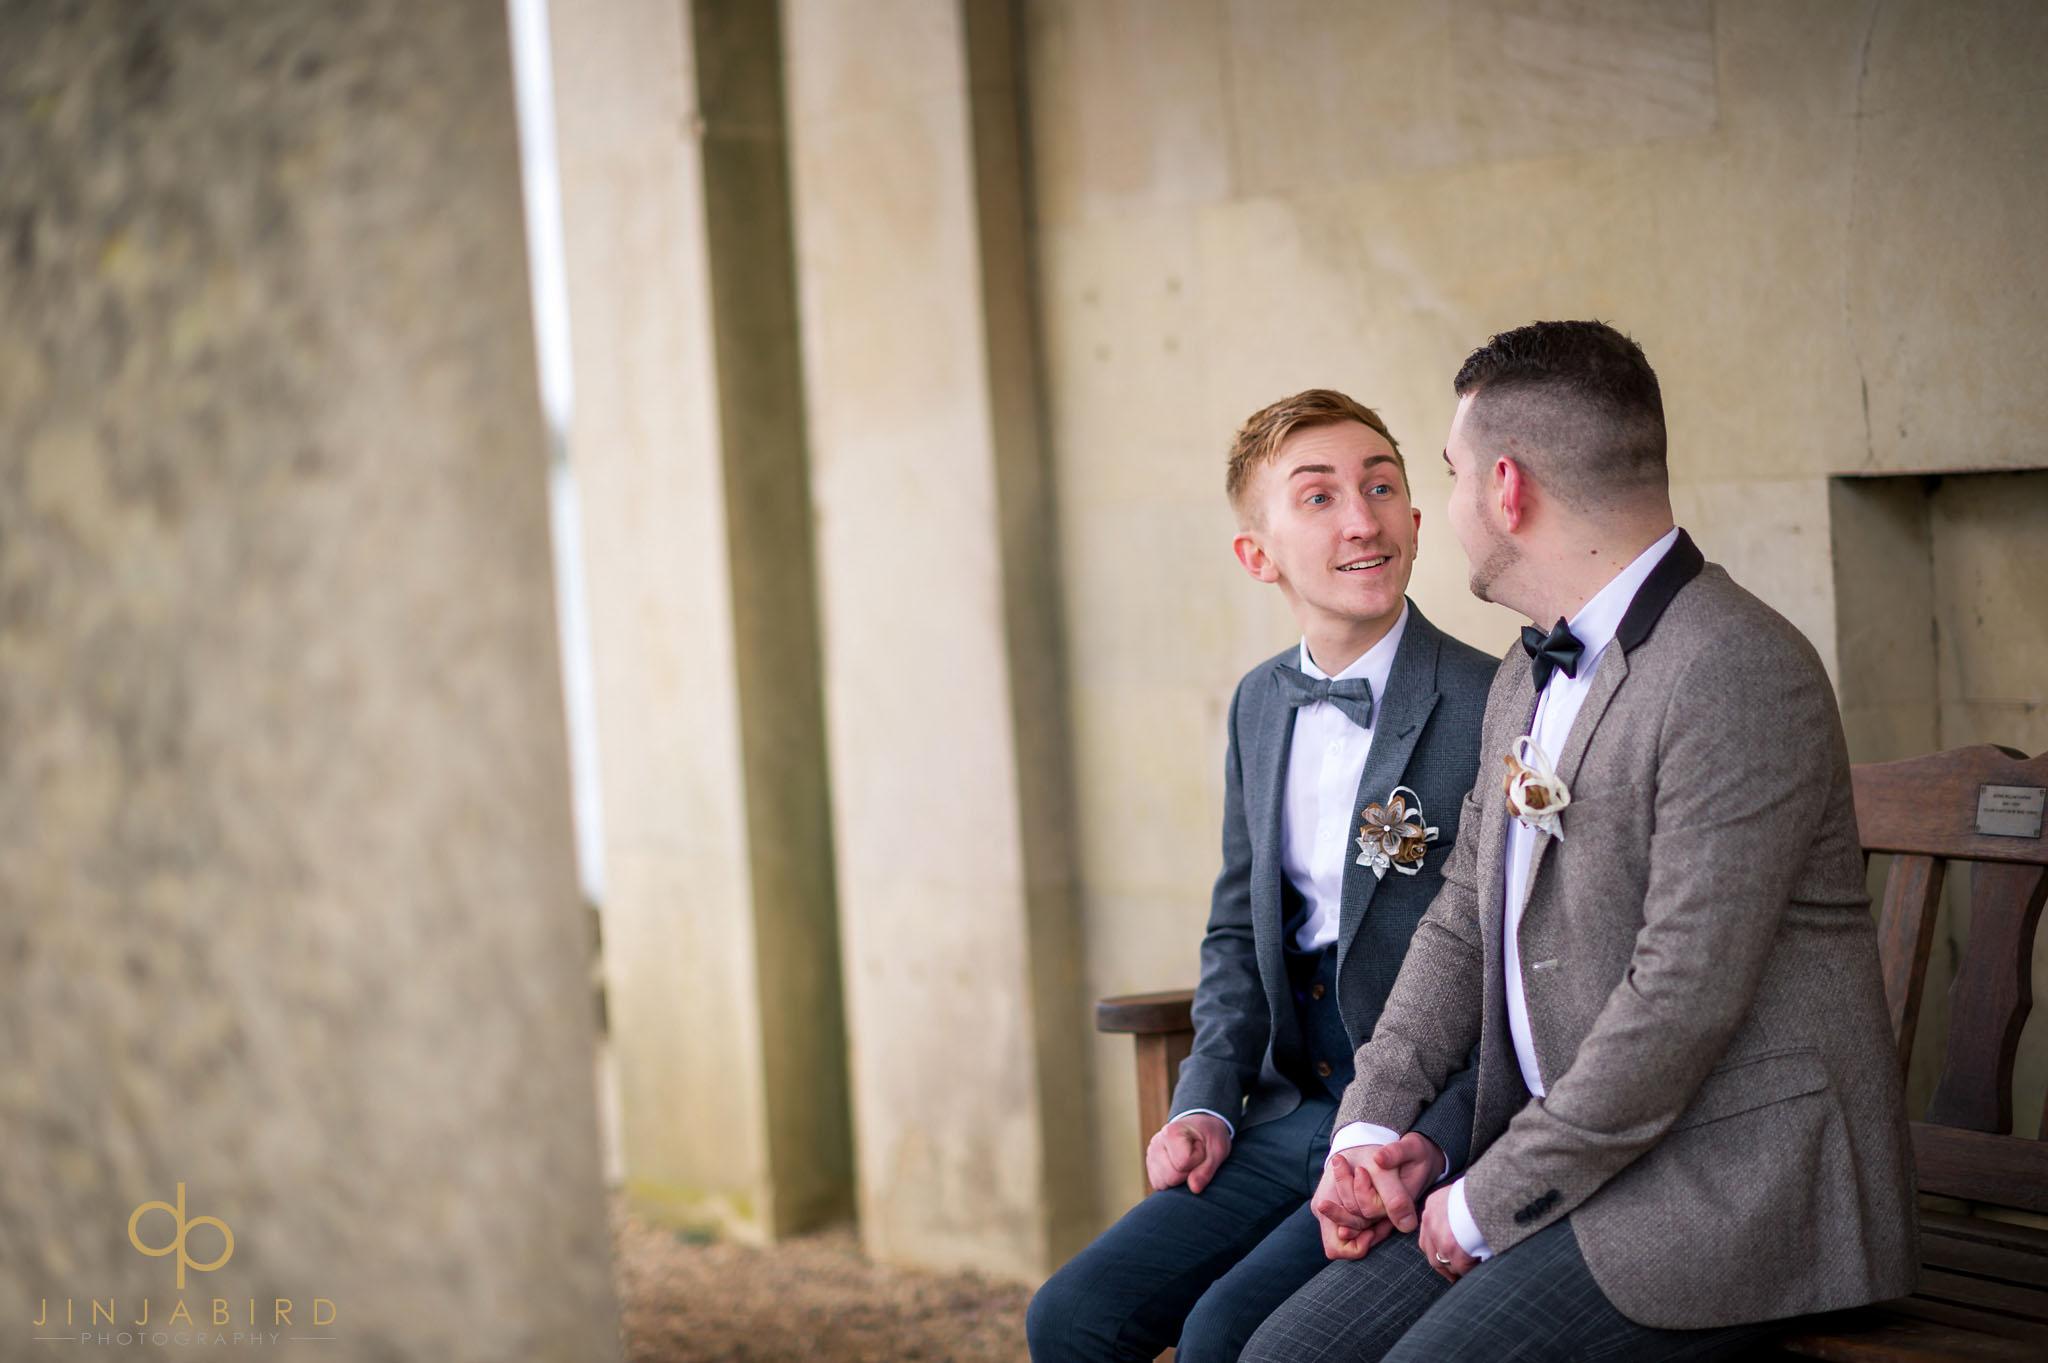 normanton church gay wedding photographer